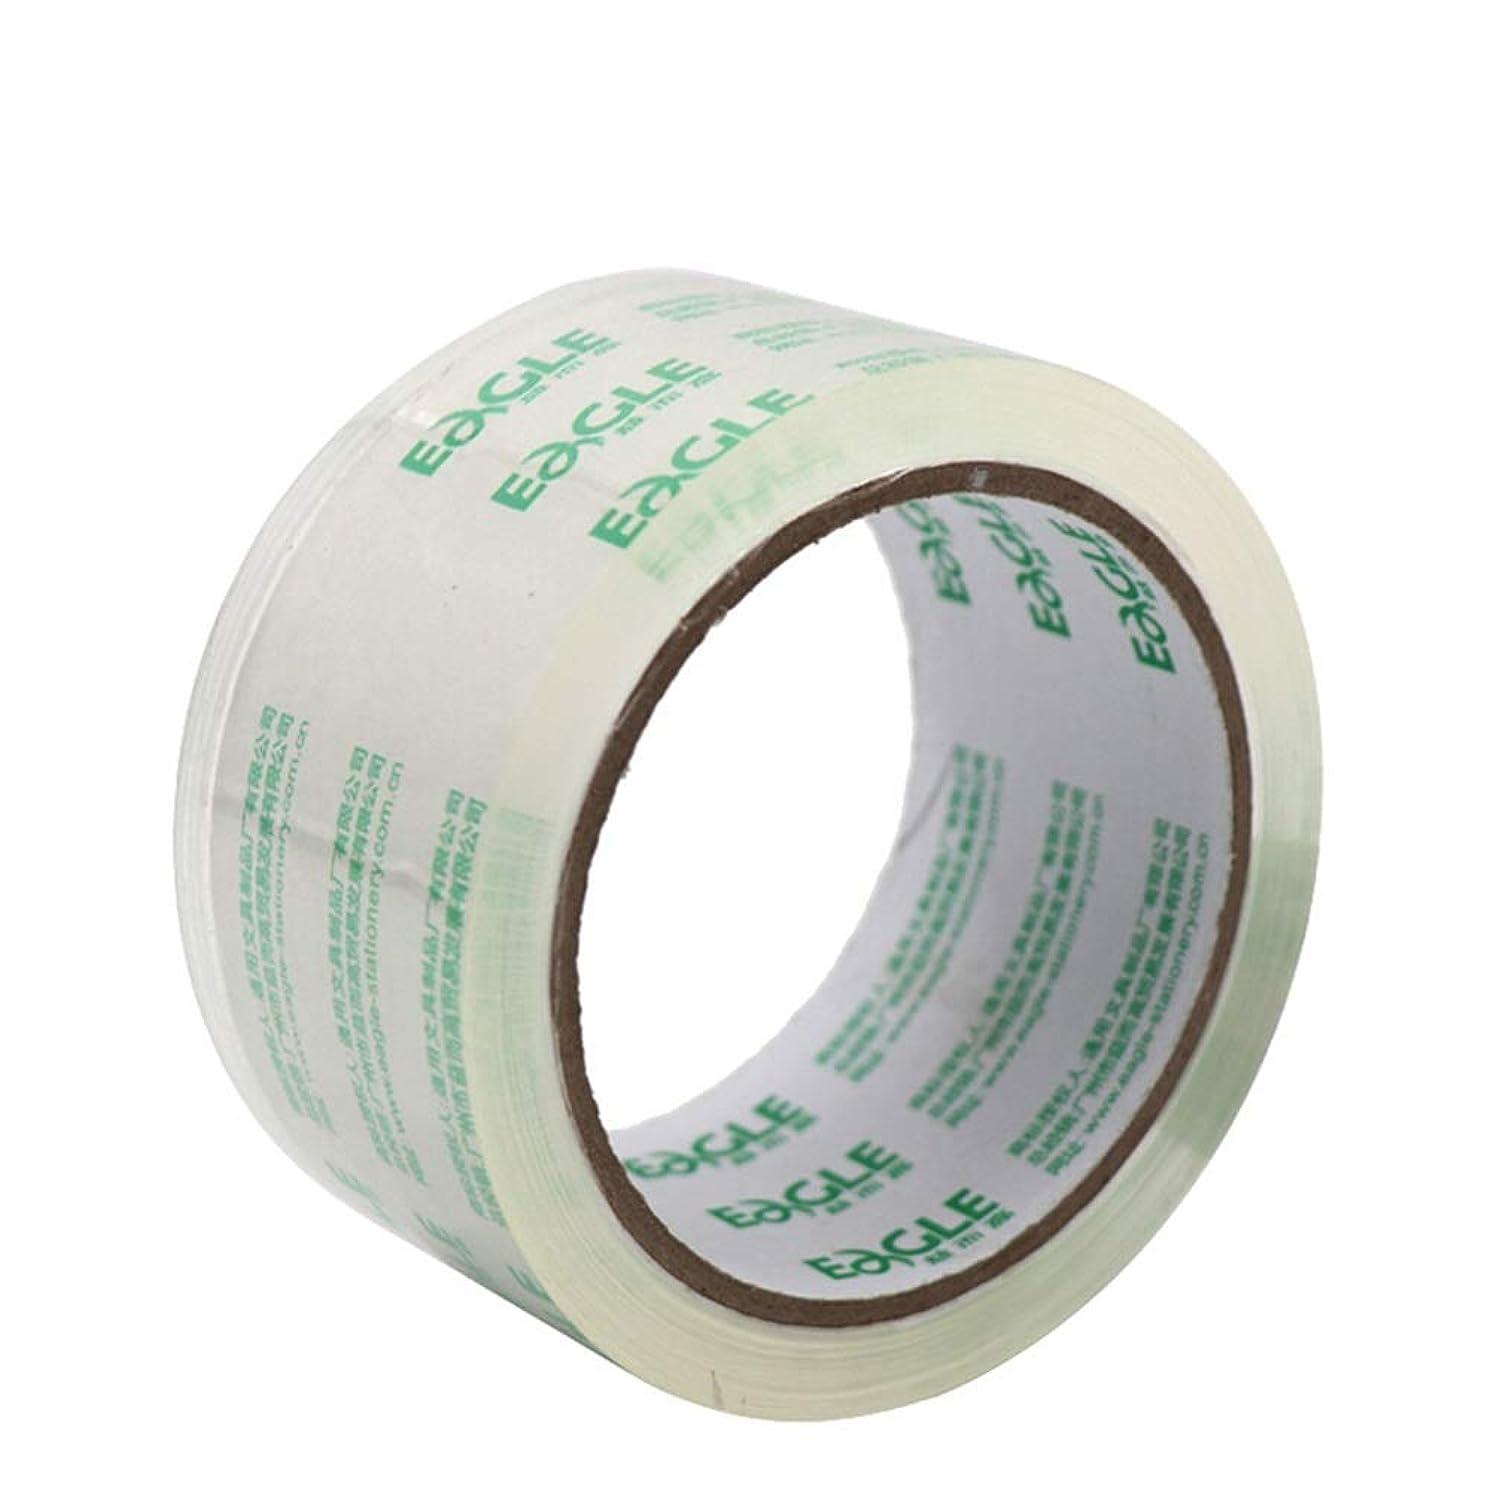 コーラス処理幻滅する倉庫パッキングテープ、オフィス文具に適した シールテープ、高い透明性、ワイド粘着性ではなく、ブレイクへの容易なの6つのロール、